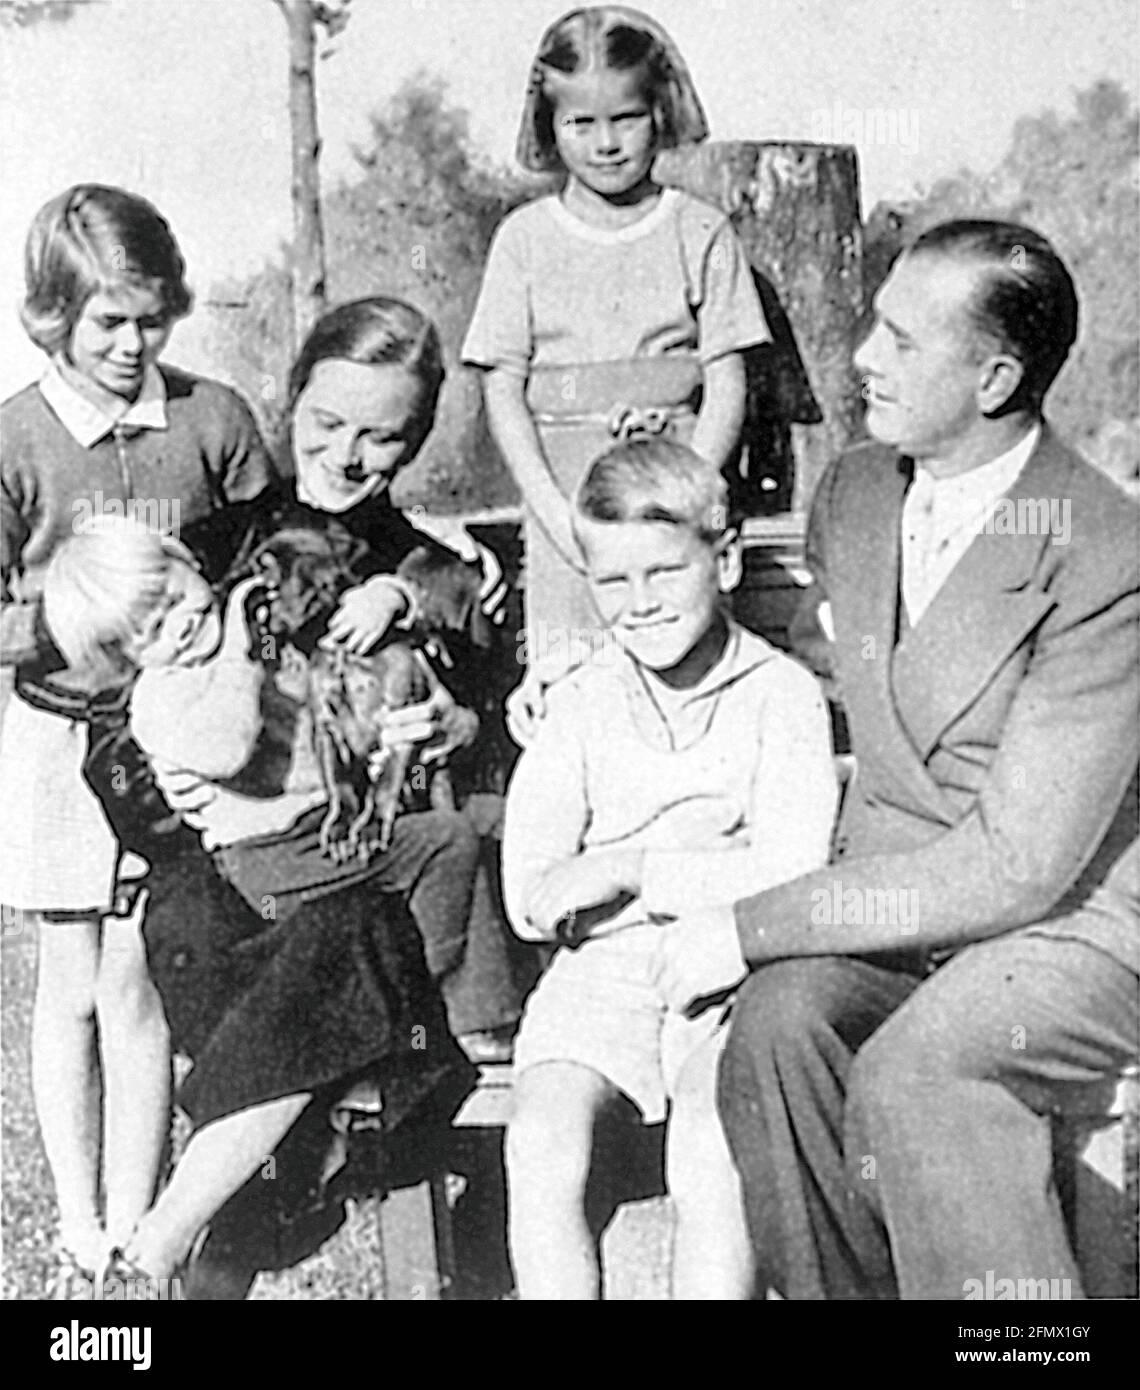 Kelly, Grace, 12.11.1929 - 14.9.1982, actrice américaine, demi-longueur, Avec ses frères et sœurs, DES DROITS supplémentaires-AUTORISATION-INFO-NON-DISPONIBLES Banque D'Images